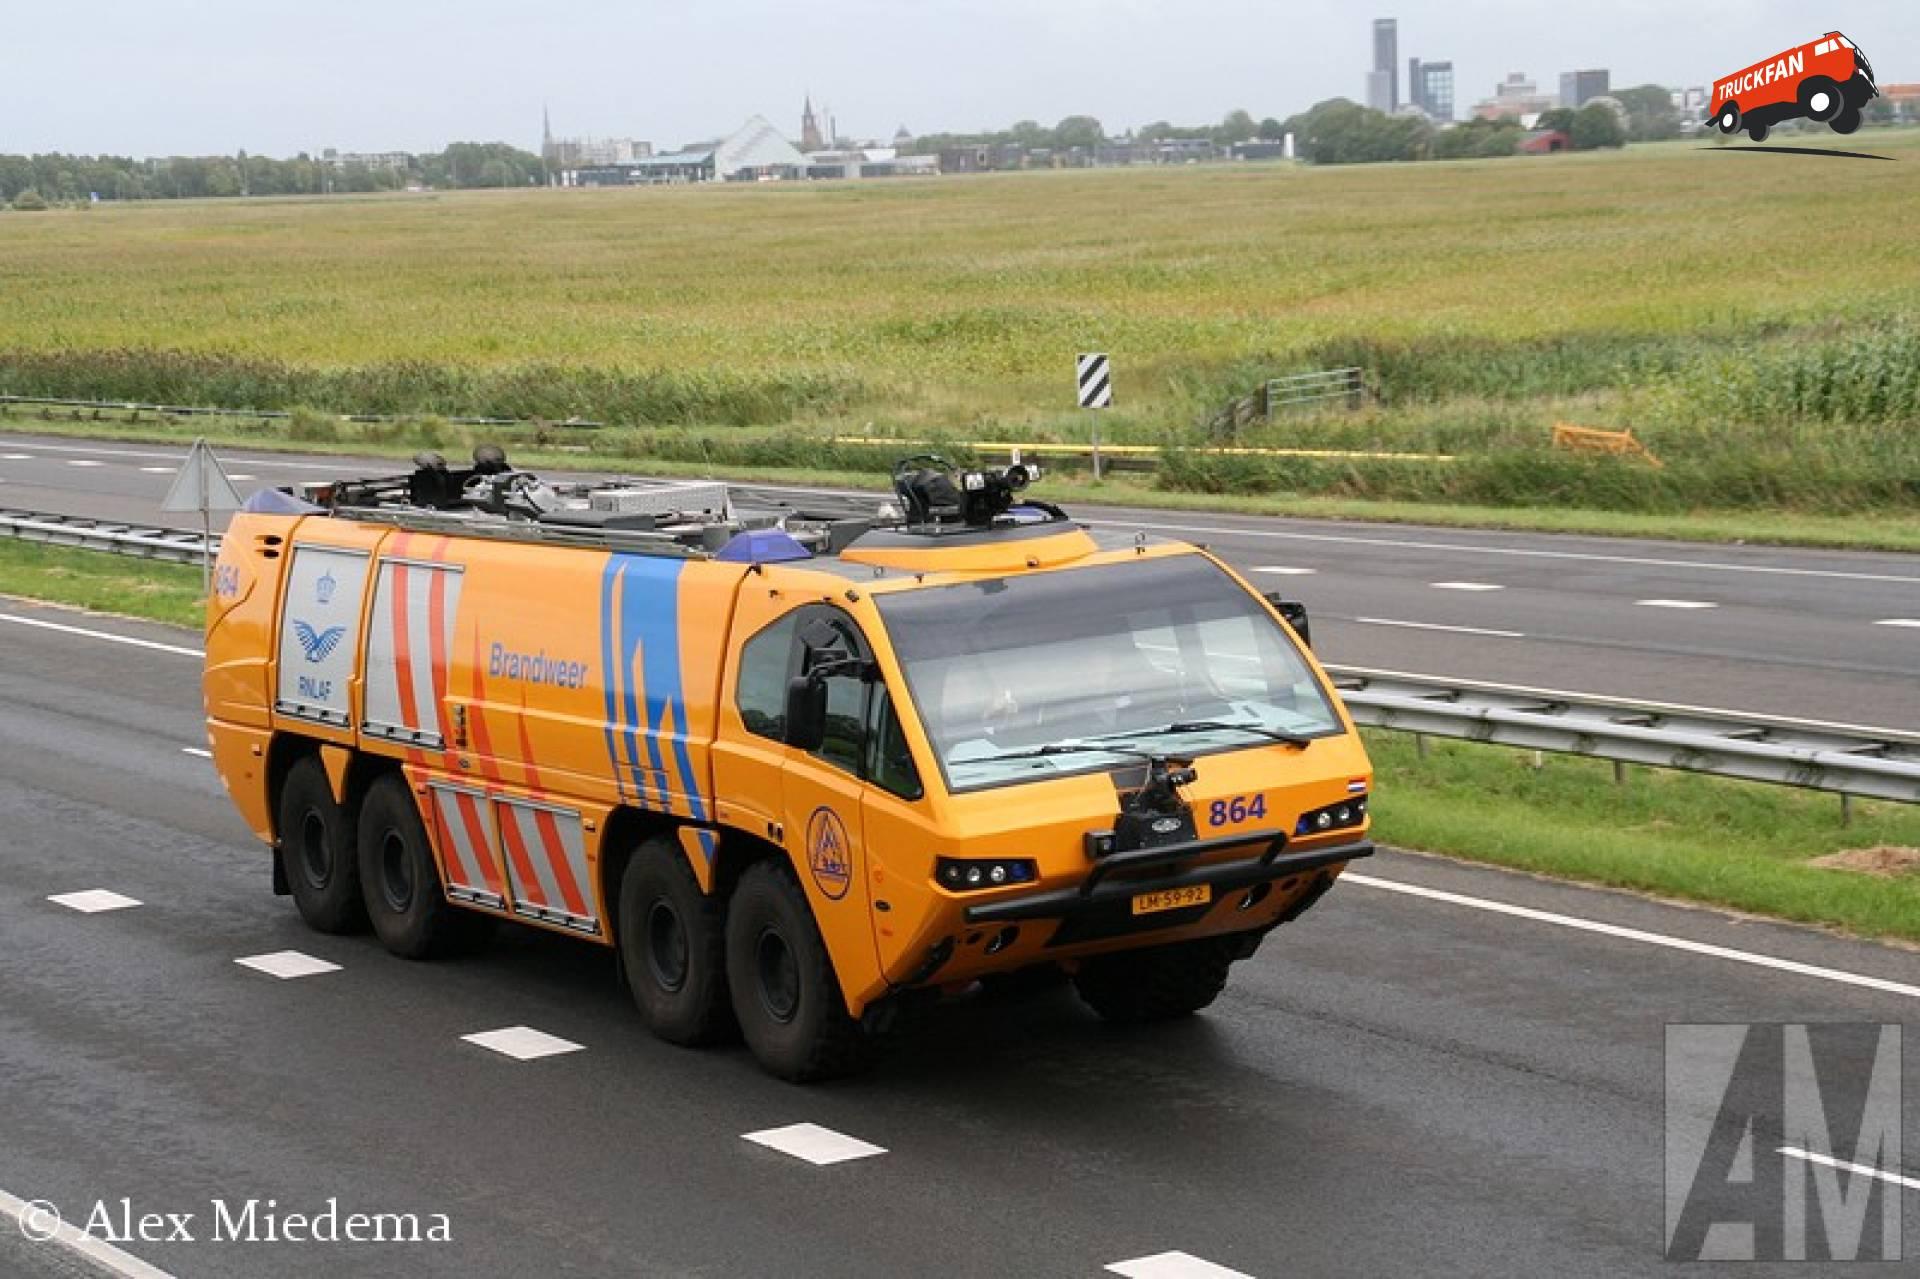 Emergency One crashtender